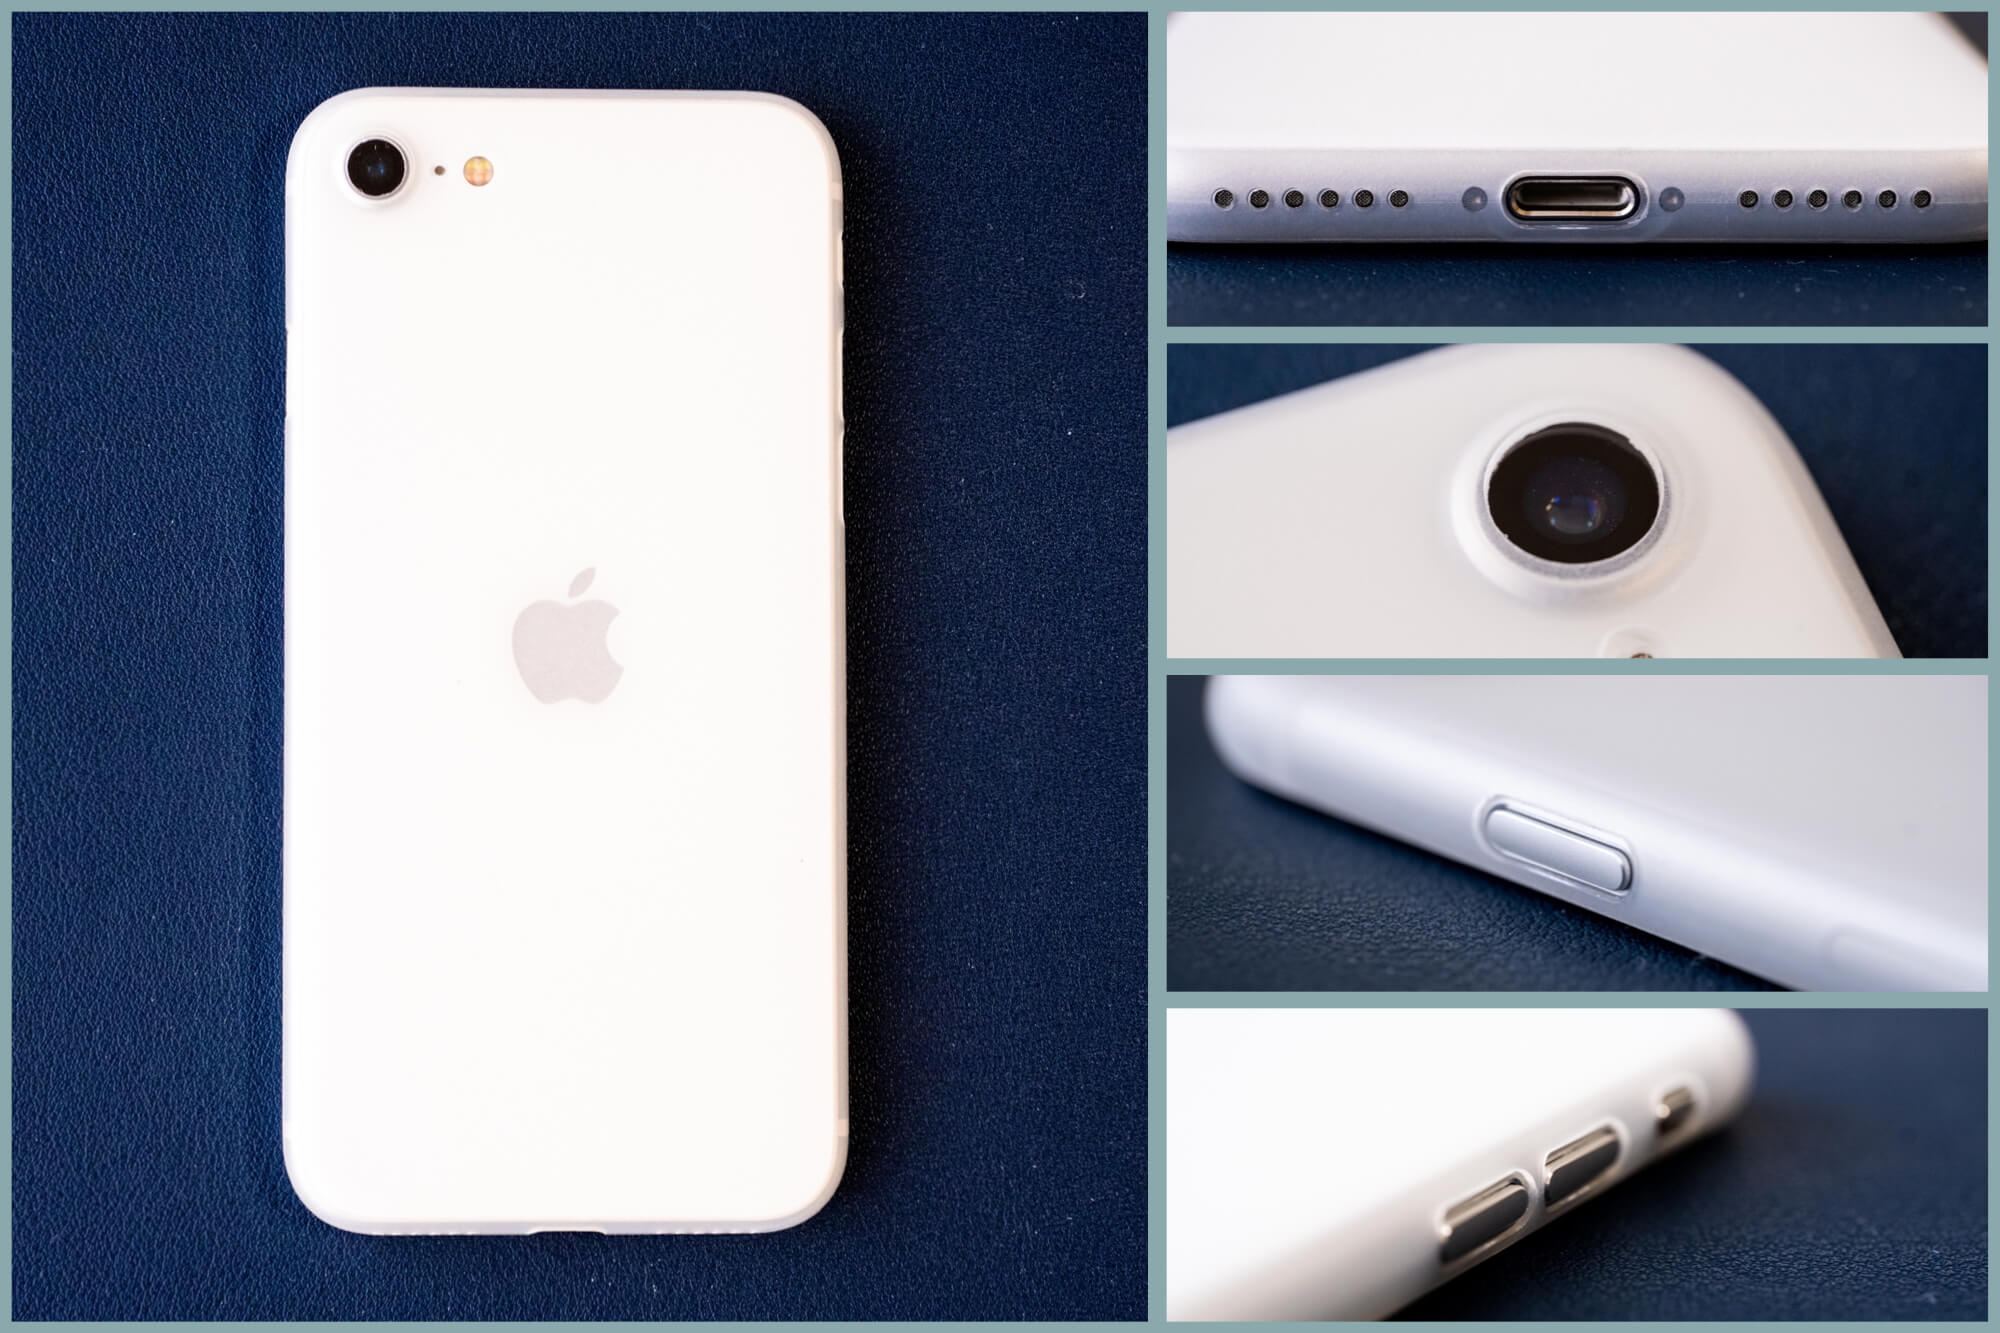 薄さとシンプルさ(あと林檎マーク)を求めるなら。iPhone SE(第2世代)用ケース CASEFINITE「FROST AIR」レビュー。